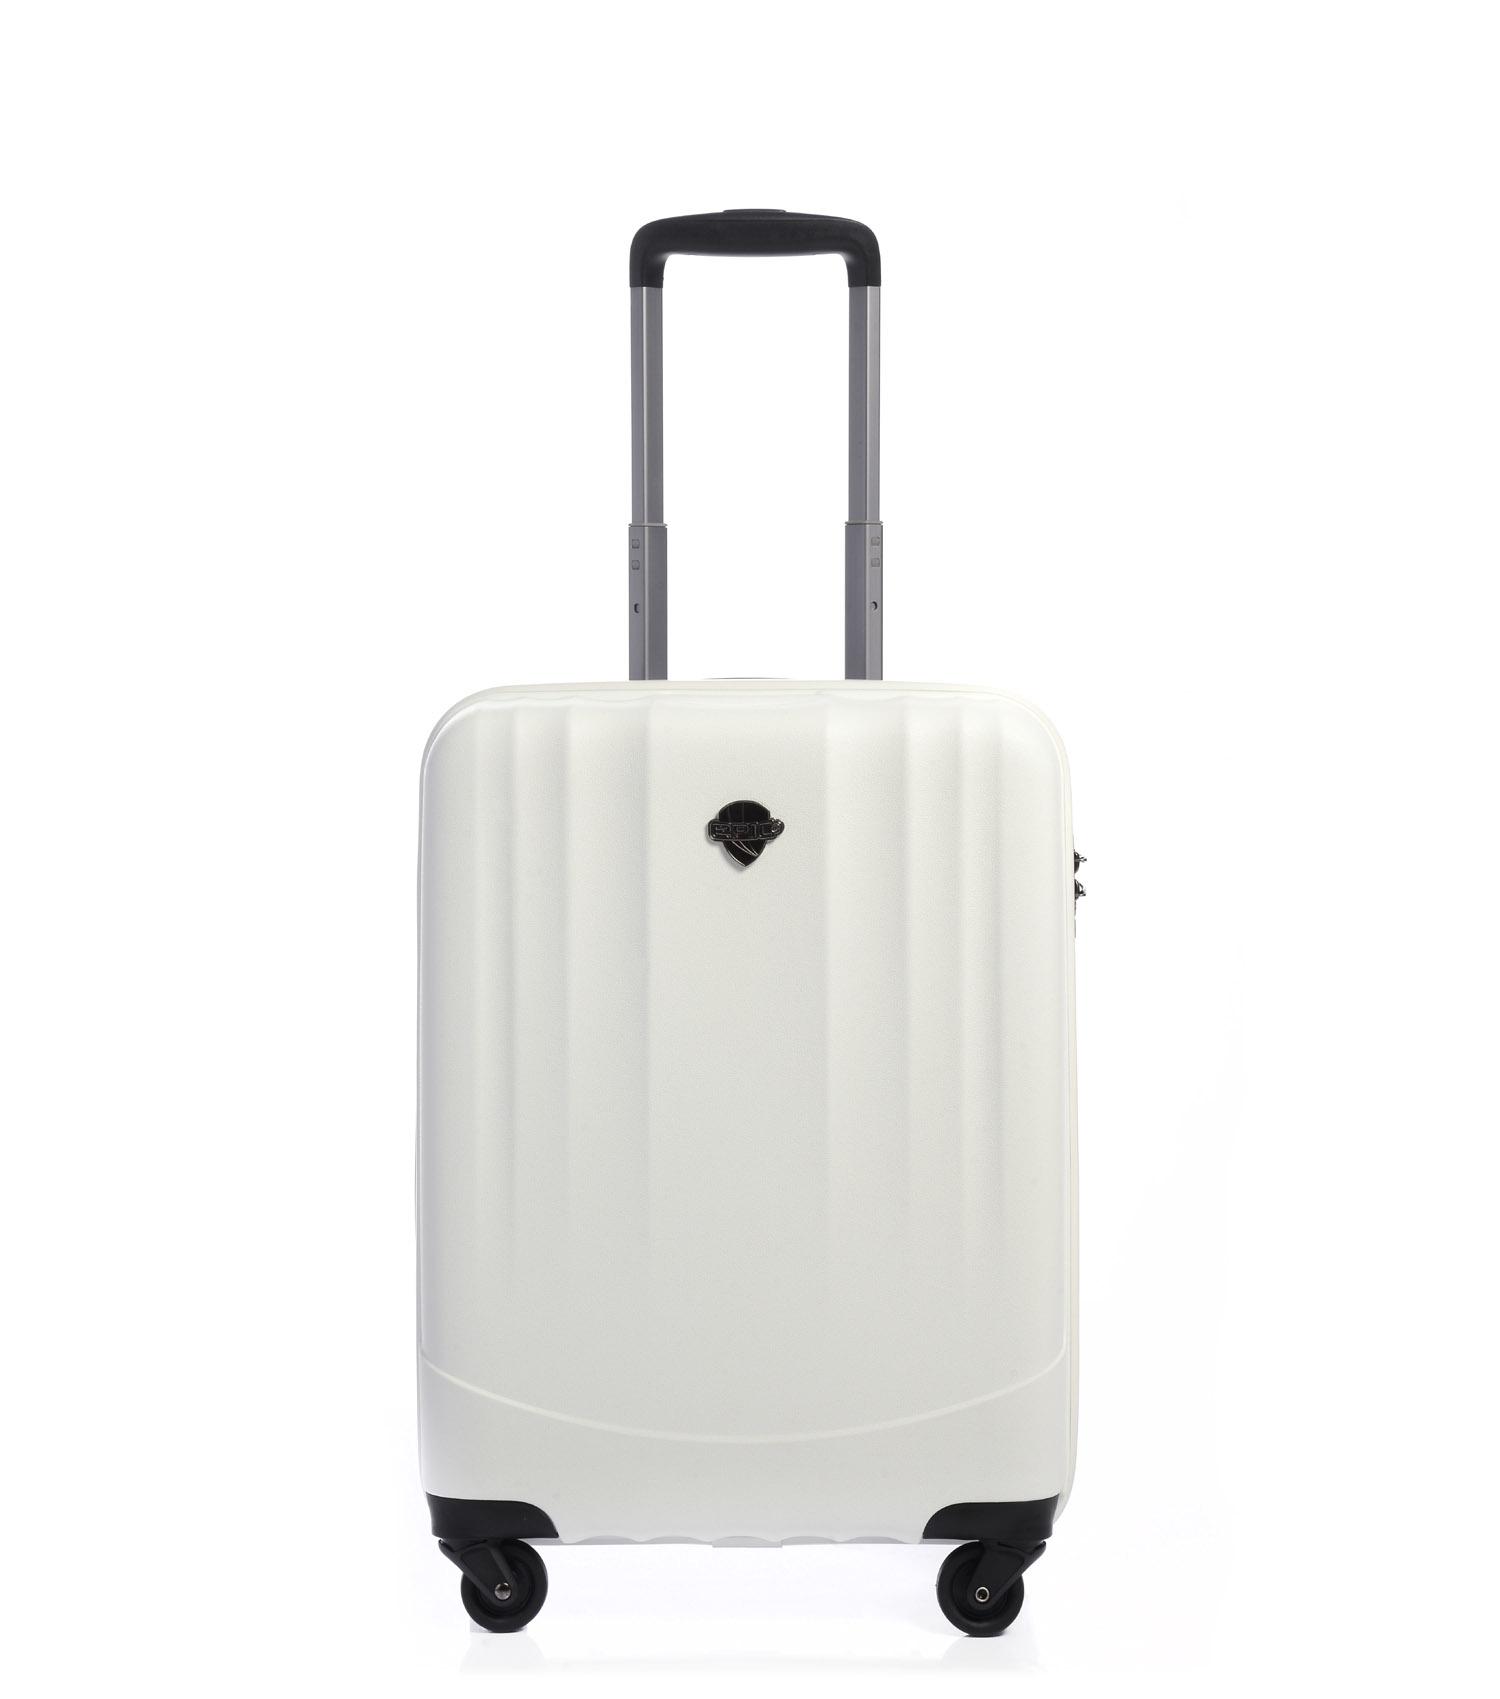 Vellidte Kabinekufferter | Find kufferten til håndbagagen her WK-34